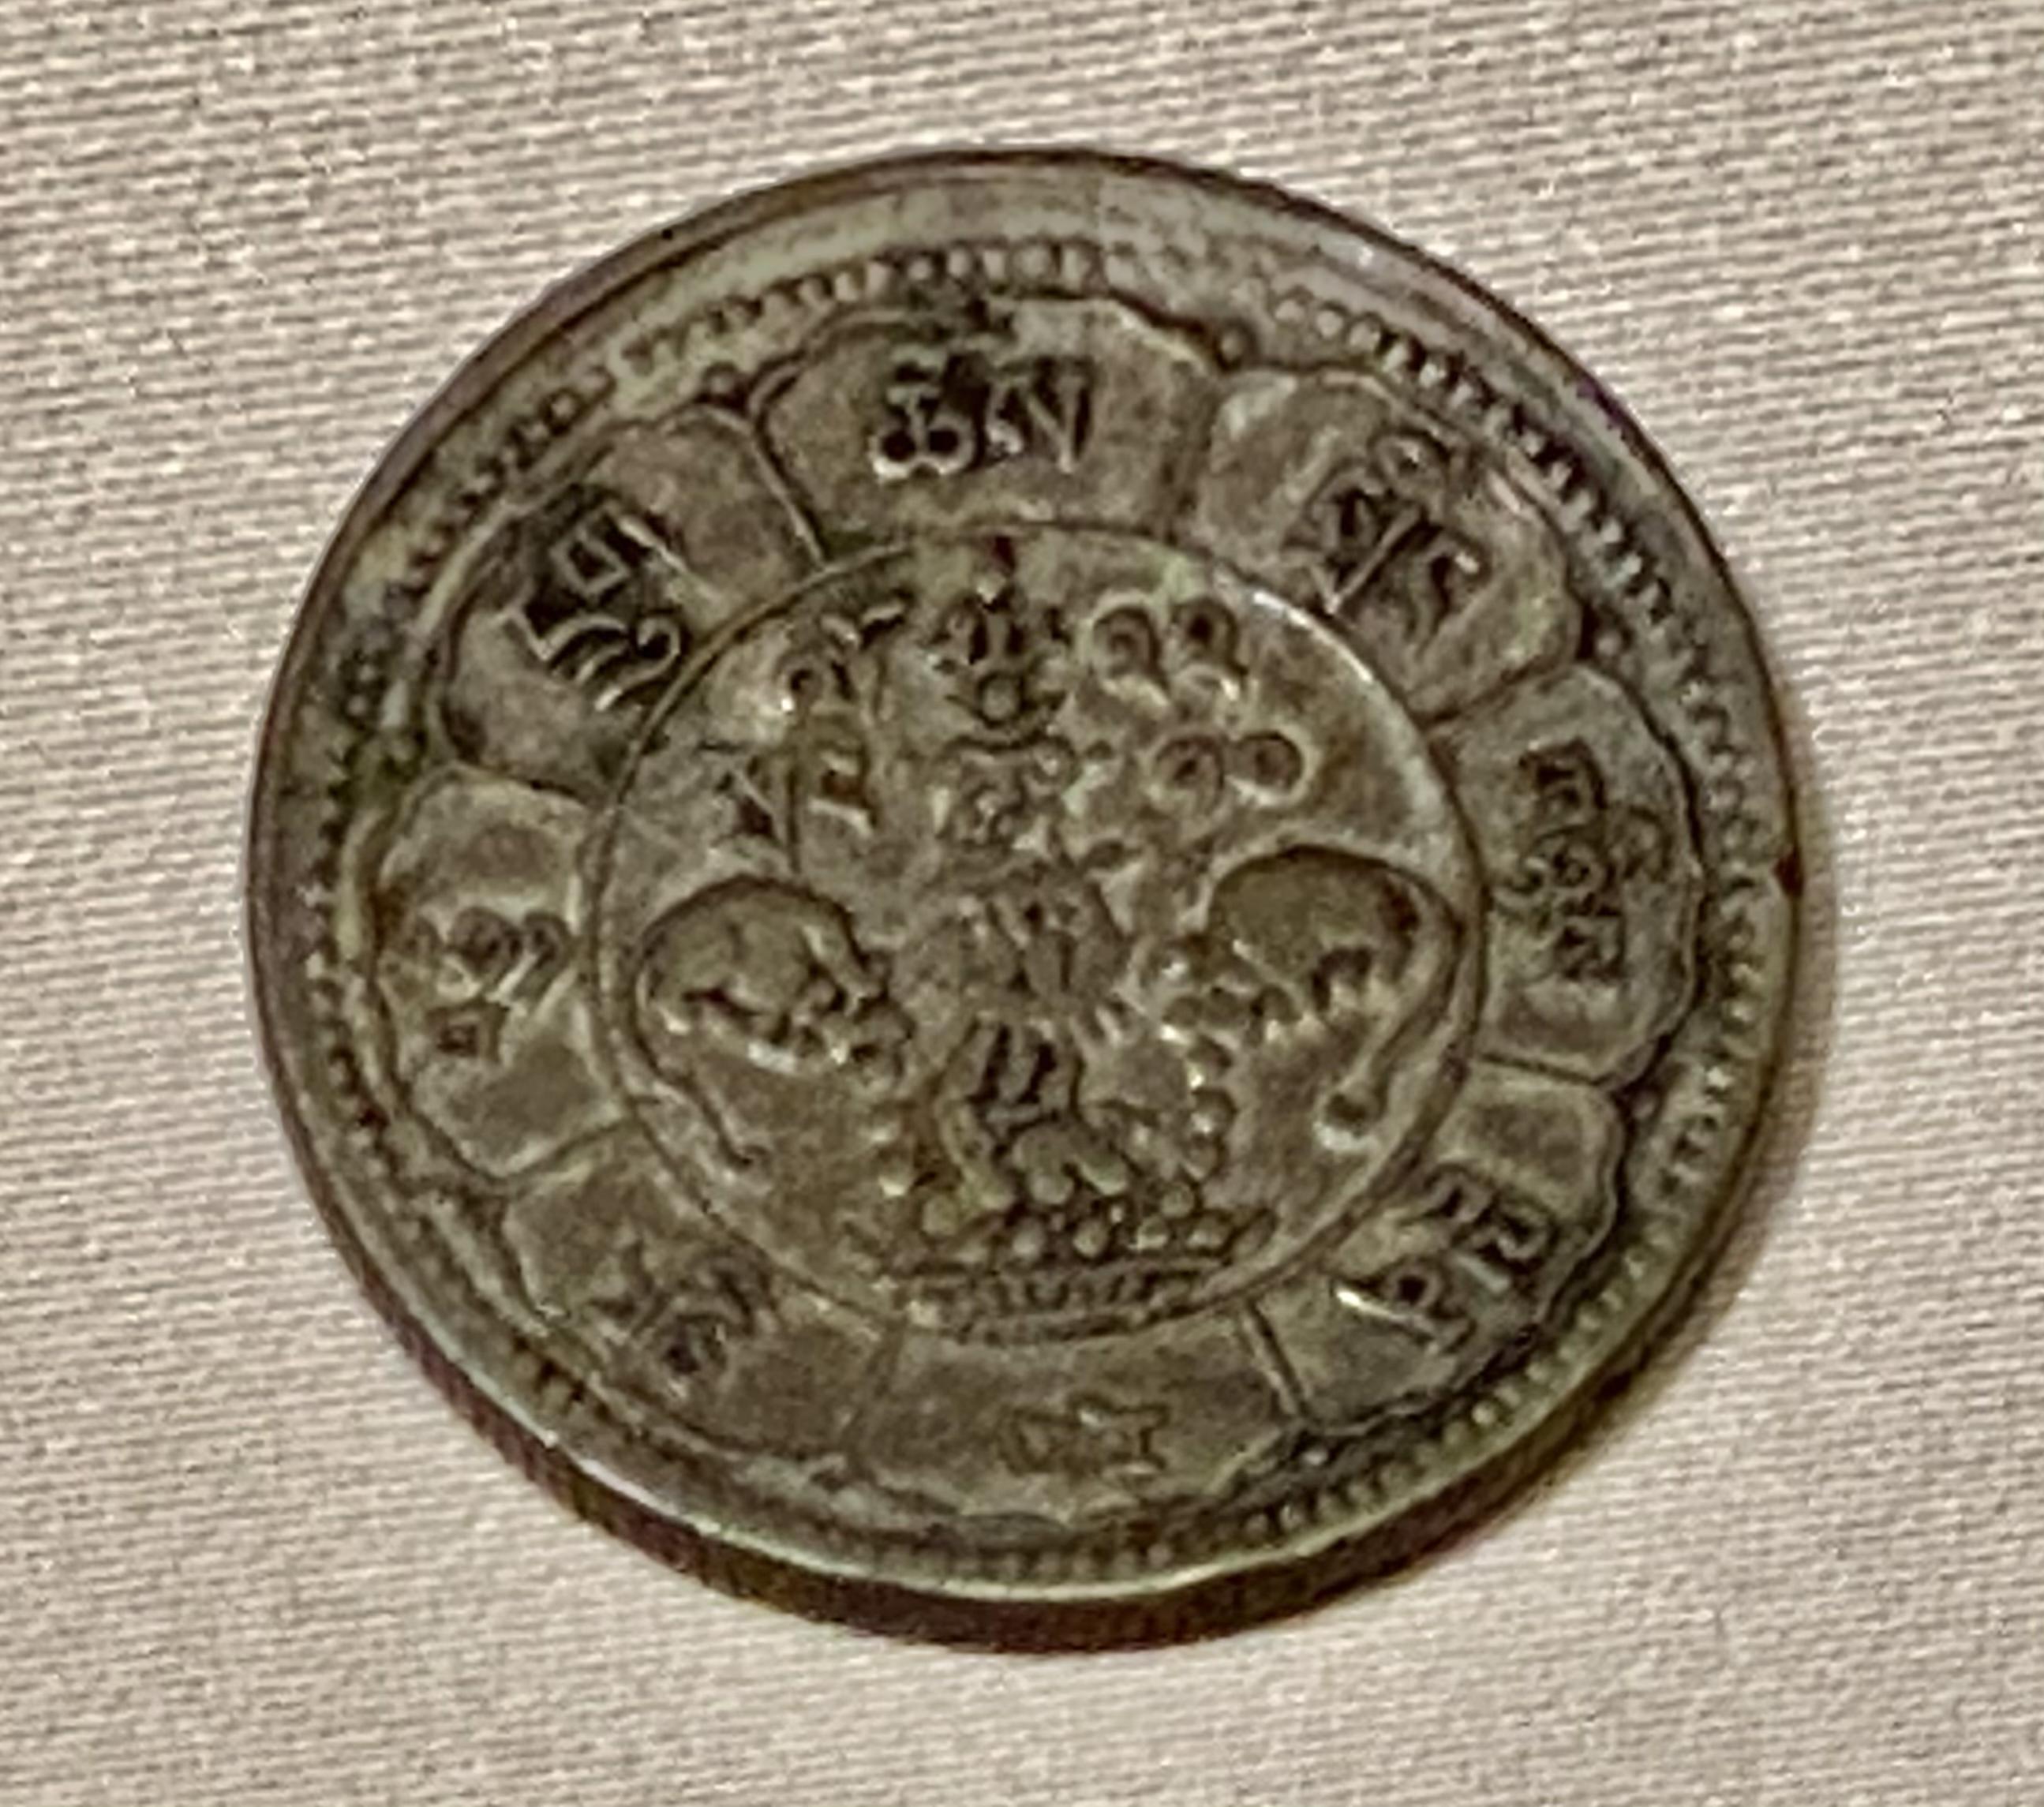 チベット銀幣-清時代-巡回特別展【天歌長歌-唐蕃古道】-四川博物館